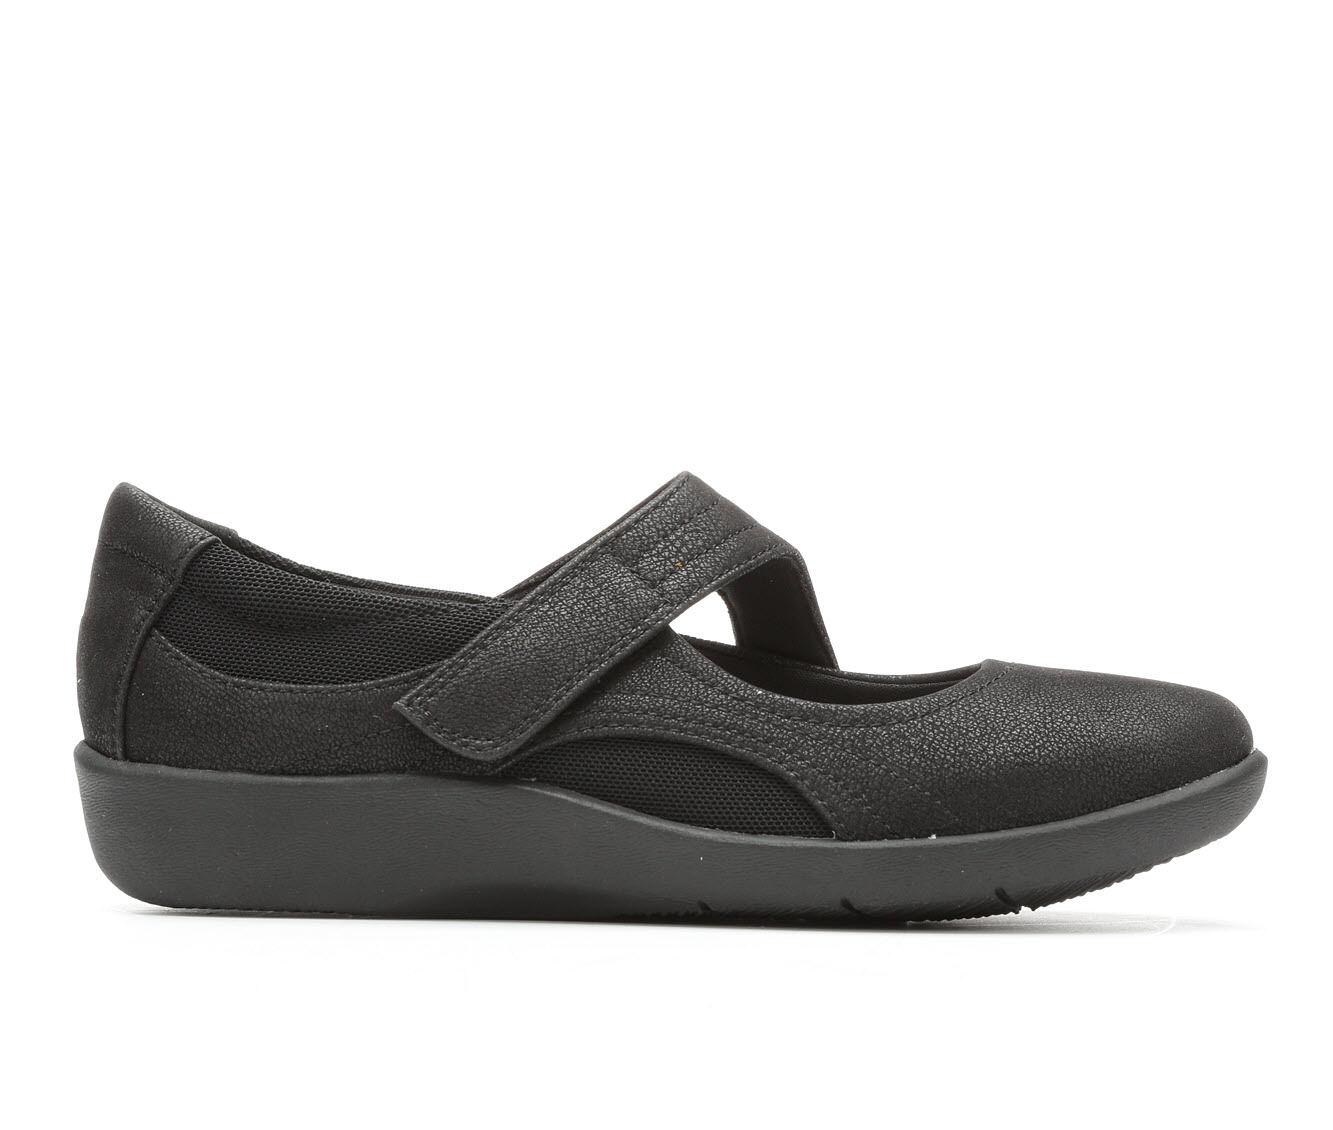 CLARKS Women s Sillian Bella Casual Shoes 189125210